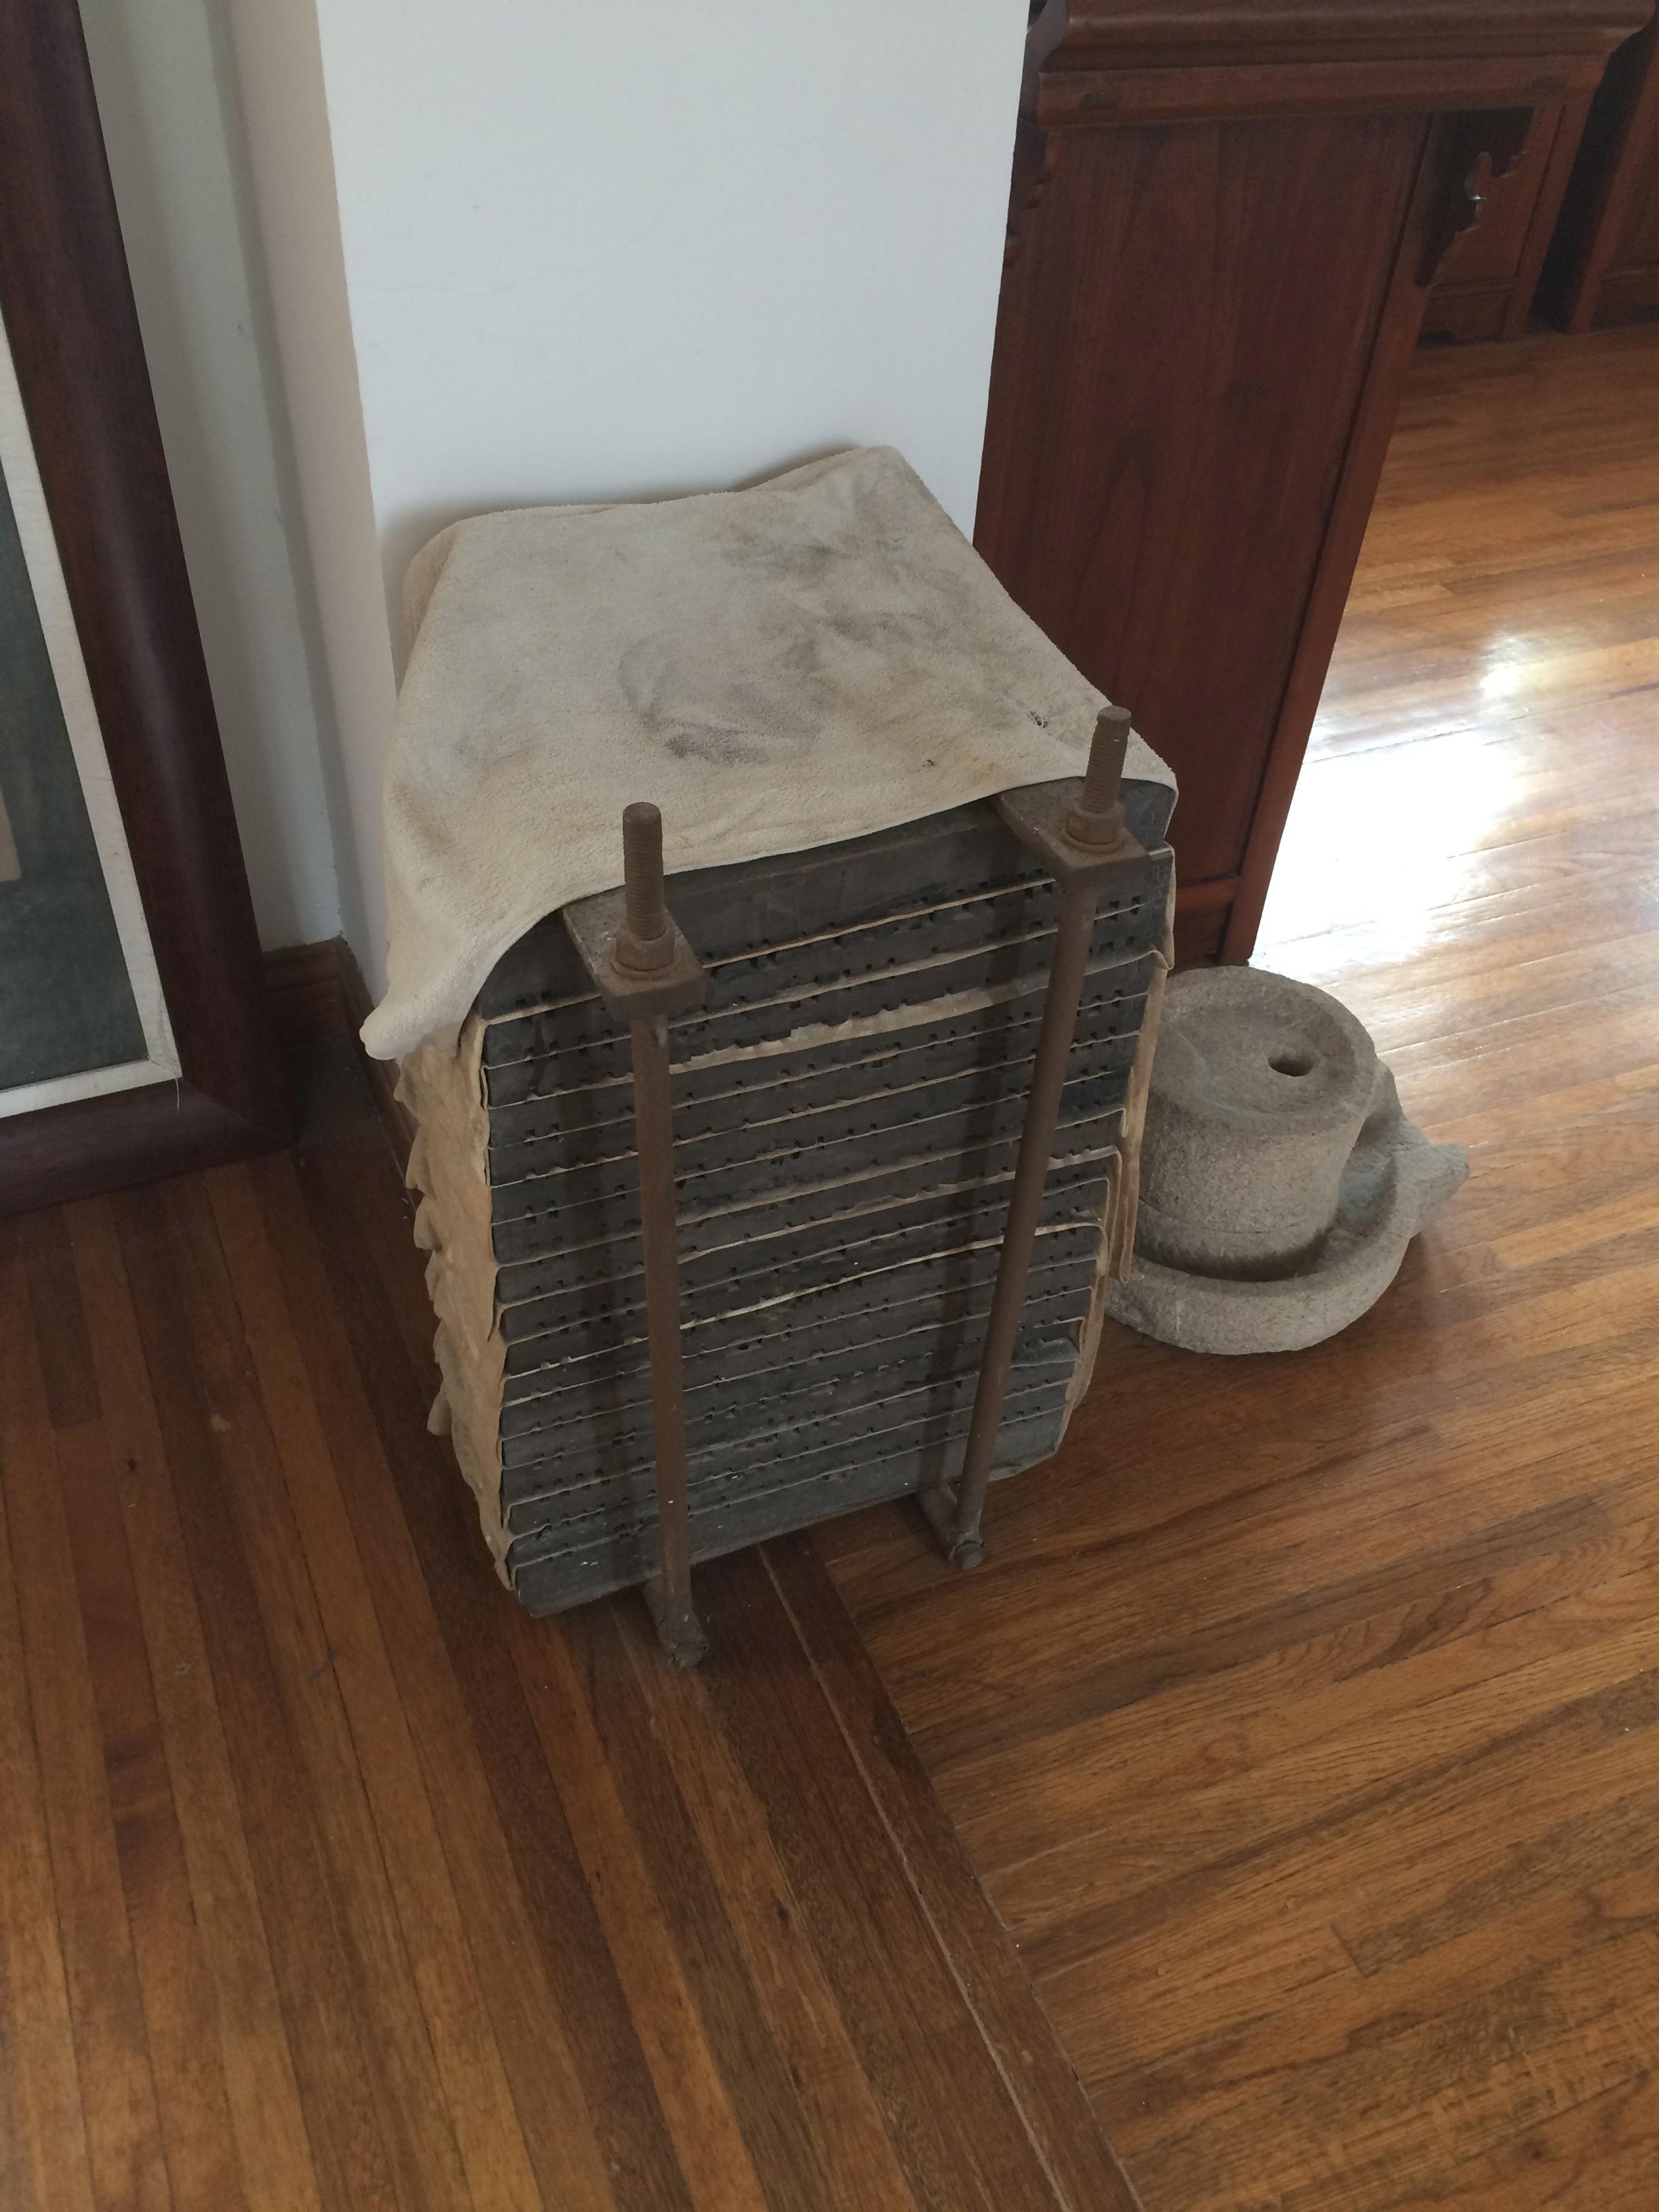 Nankeen textile printing blocks